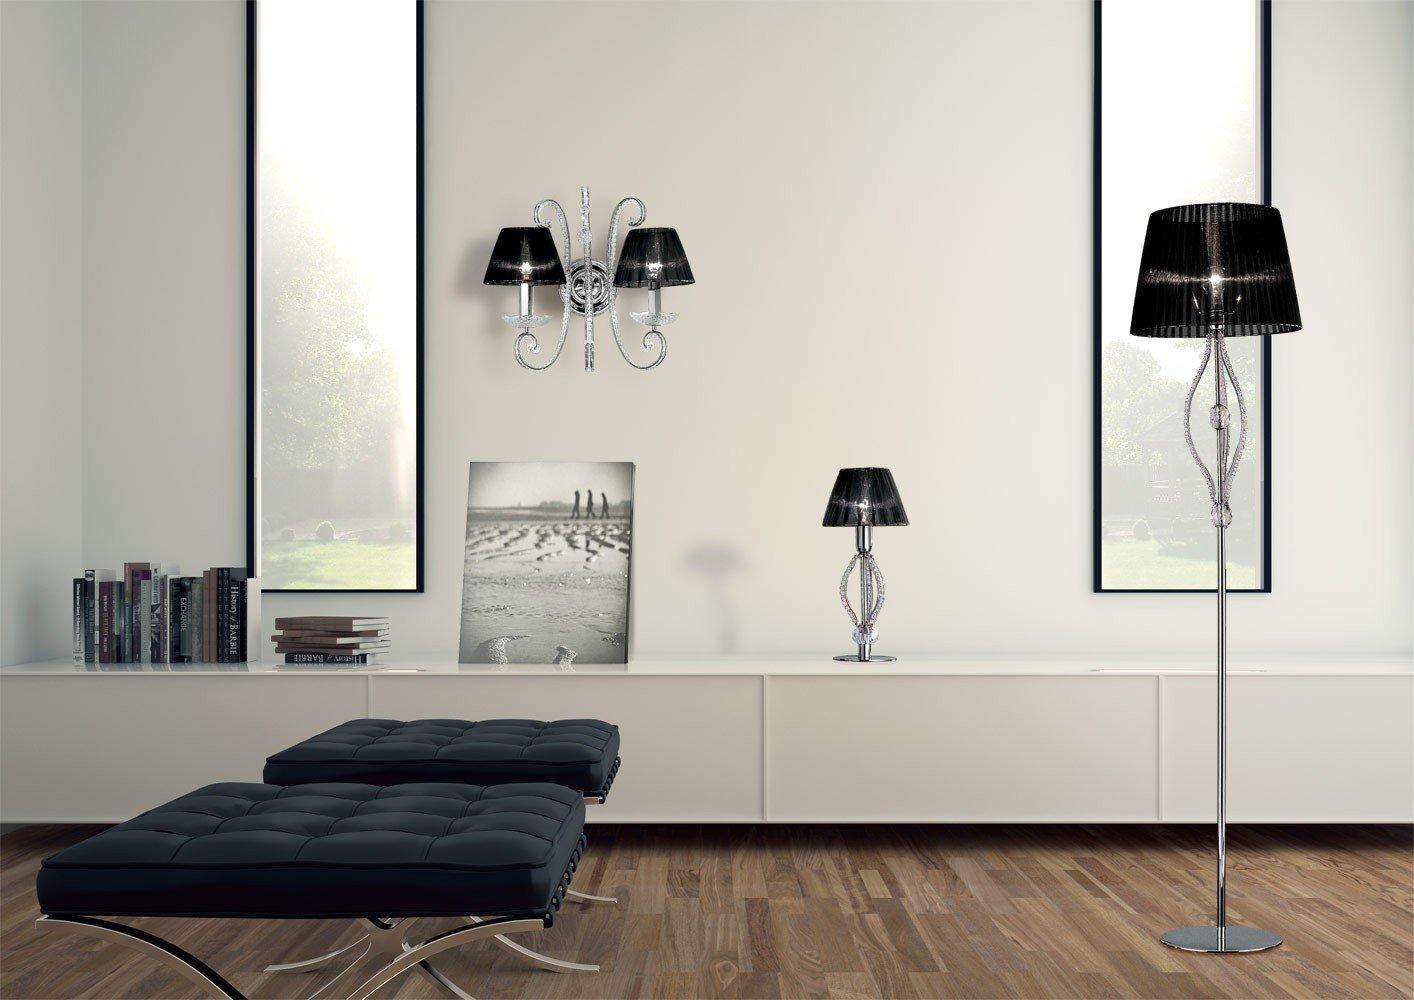 masiero aplique ilcristallo cromo a mano, Made in Italy, Italiano Cristal, pantalla de lámpara